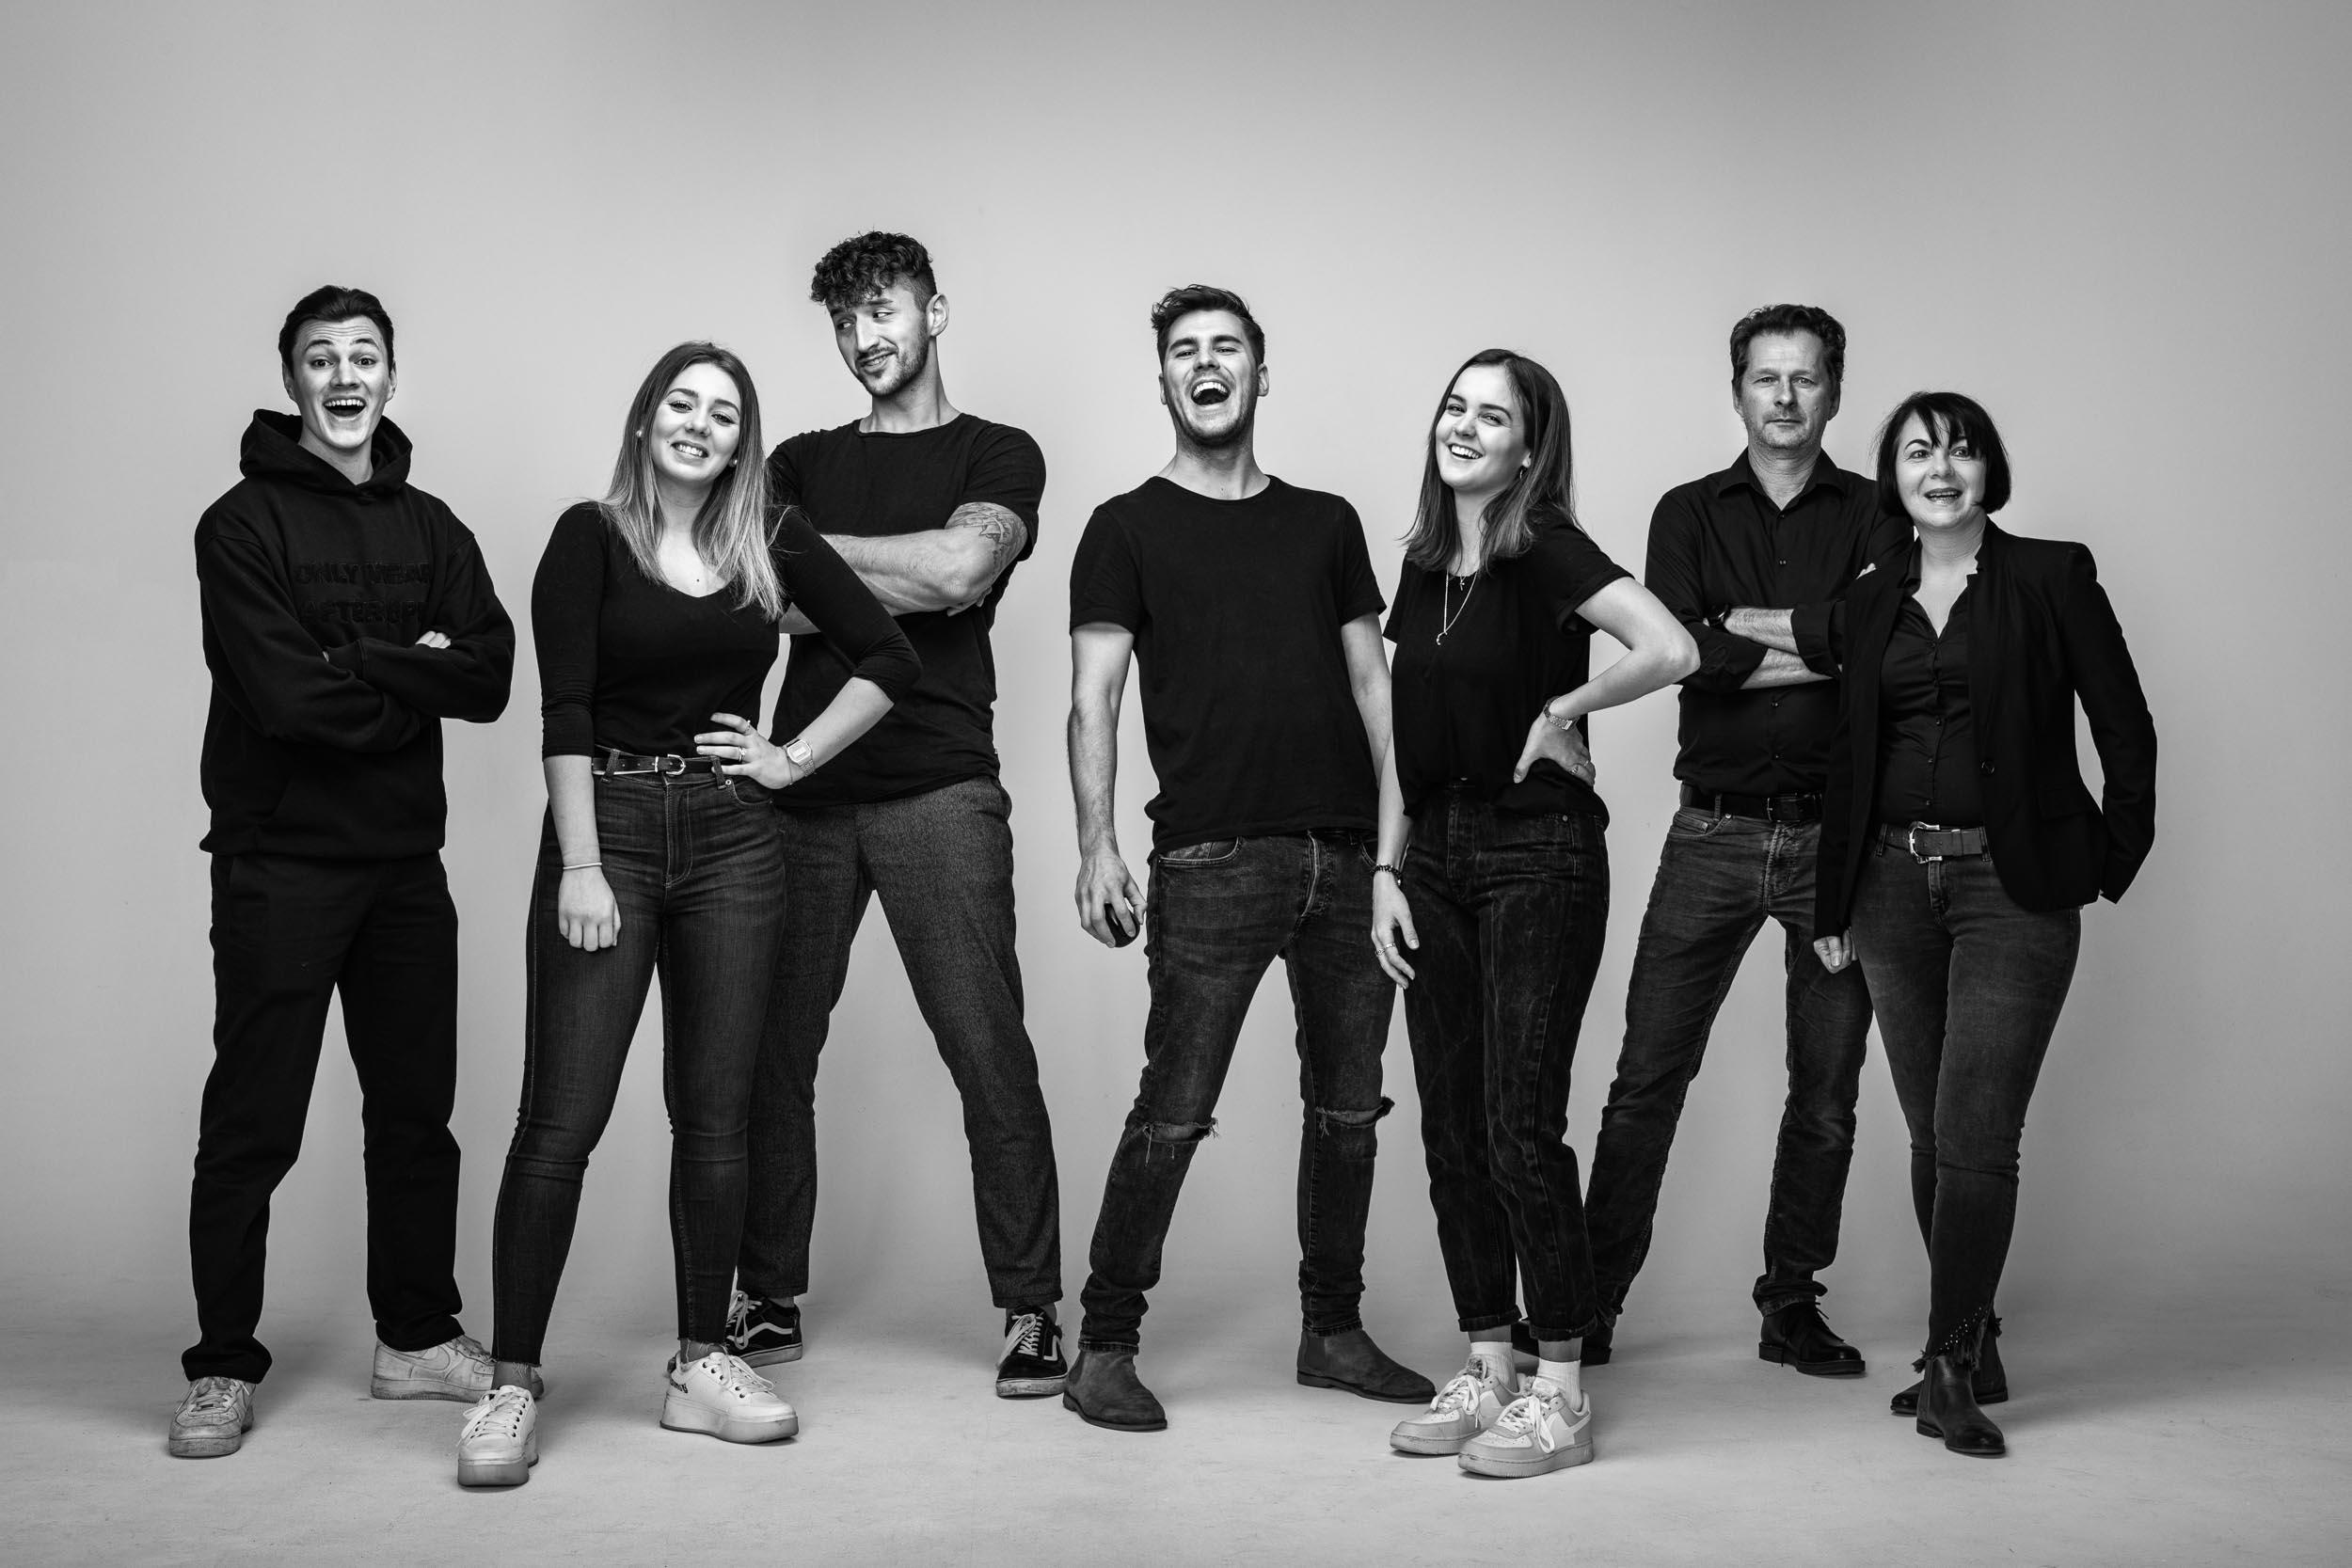 Das Team vom Fotostudio Fasching, Spezialisten im Bereich der Unternehmensfotografie und Unternehmensfilm, kreativ und motiviert, mit Top Referenzen und Awards weltweit.